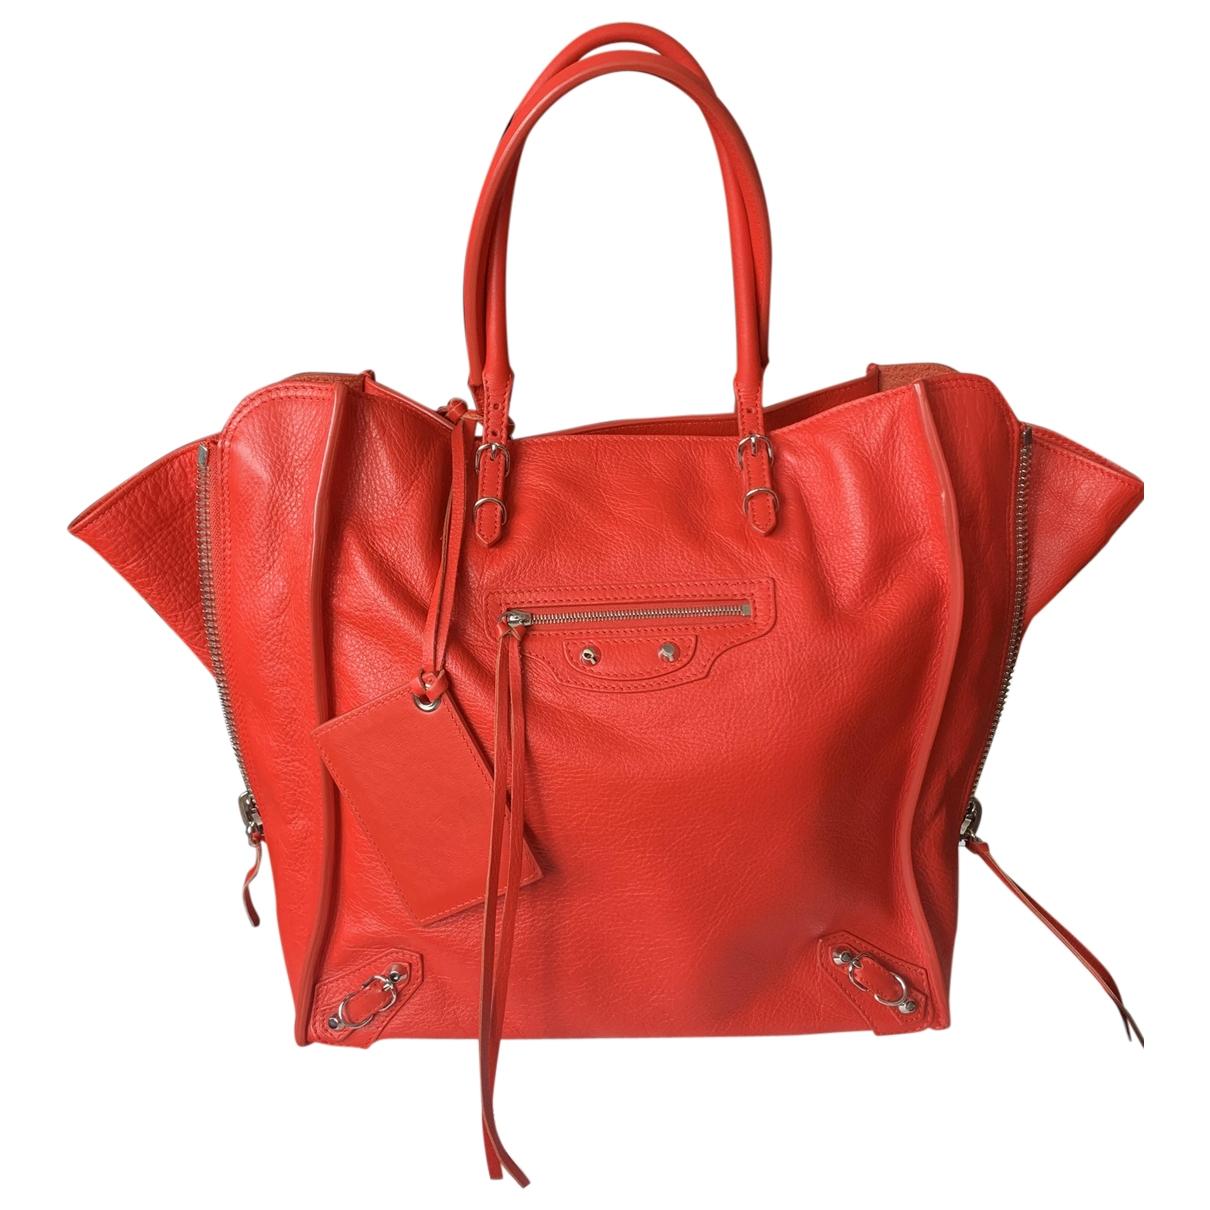 Balenciaga Papier Handtasche in  Rot Leder